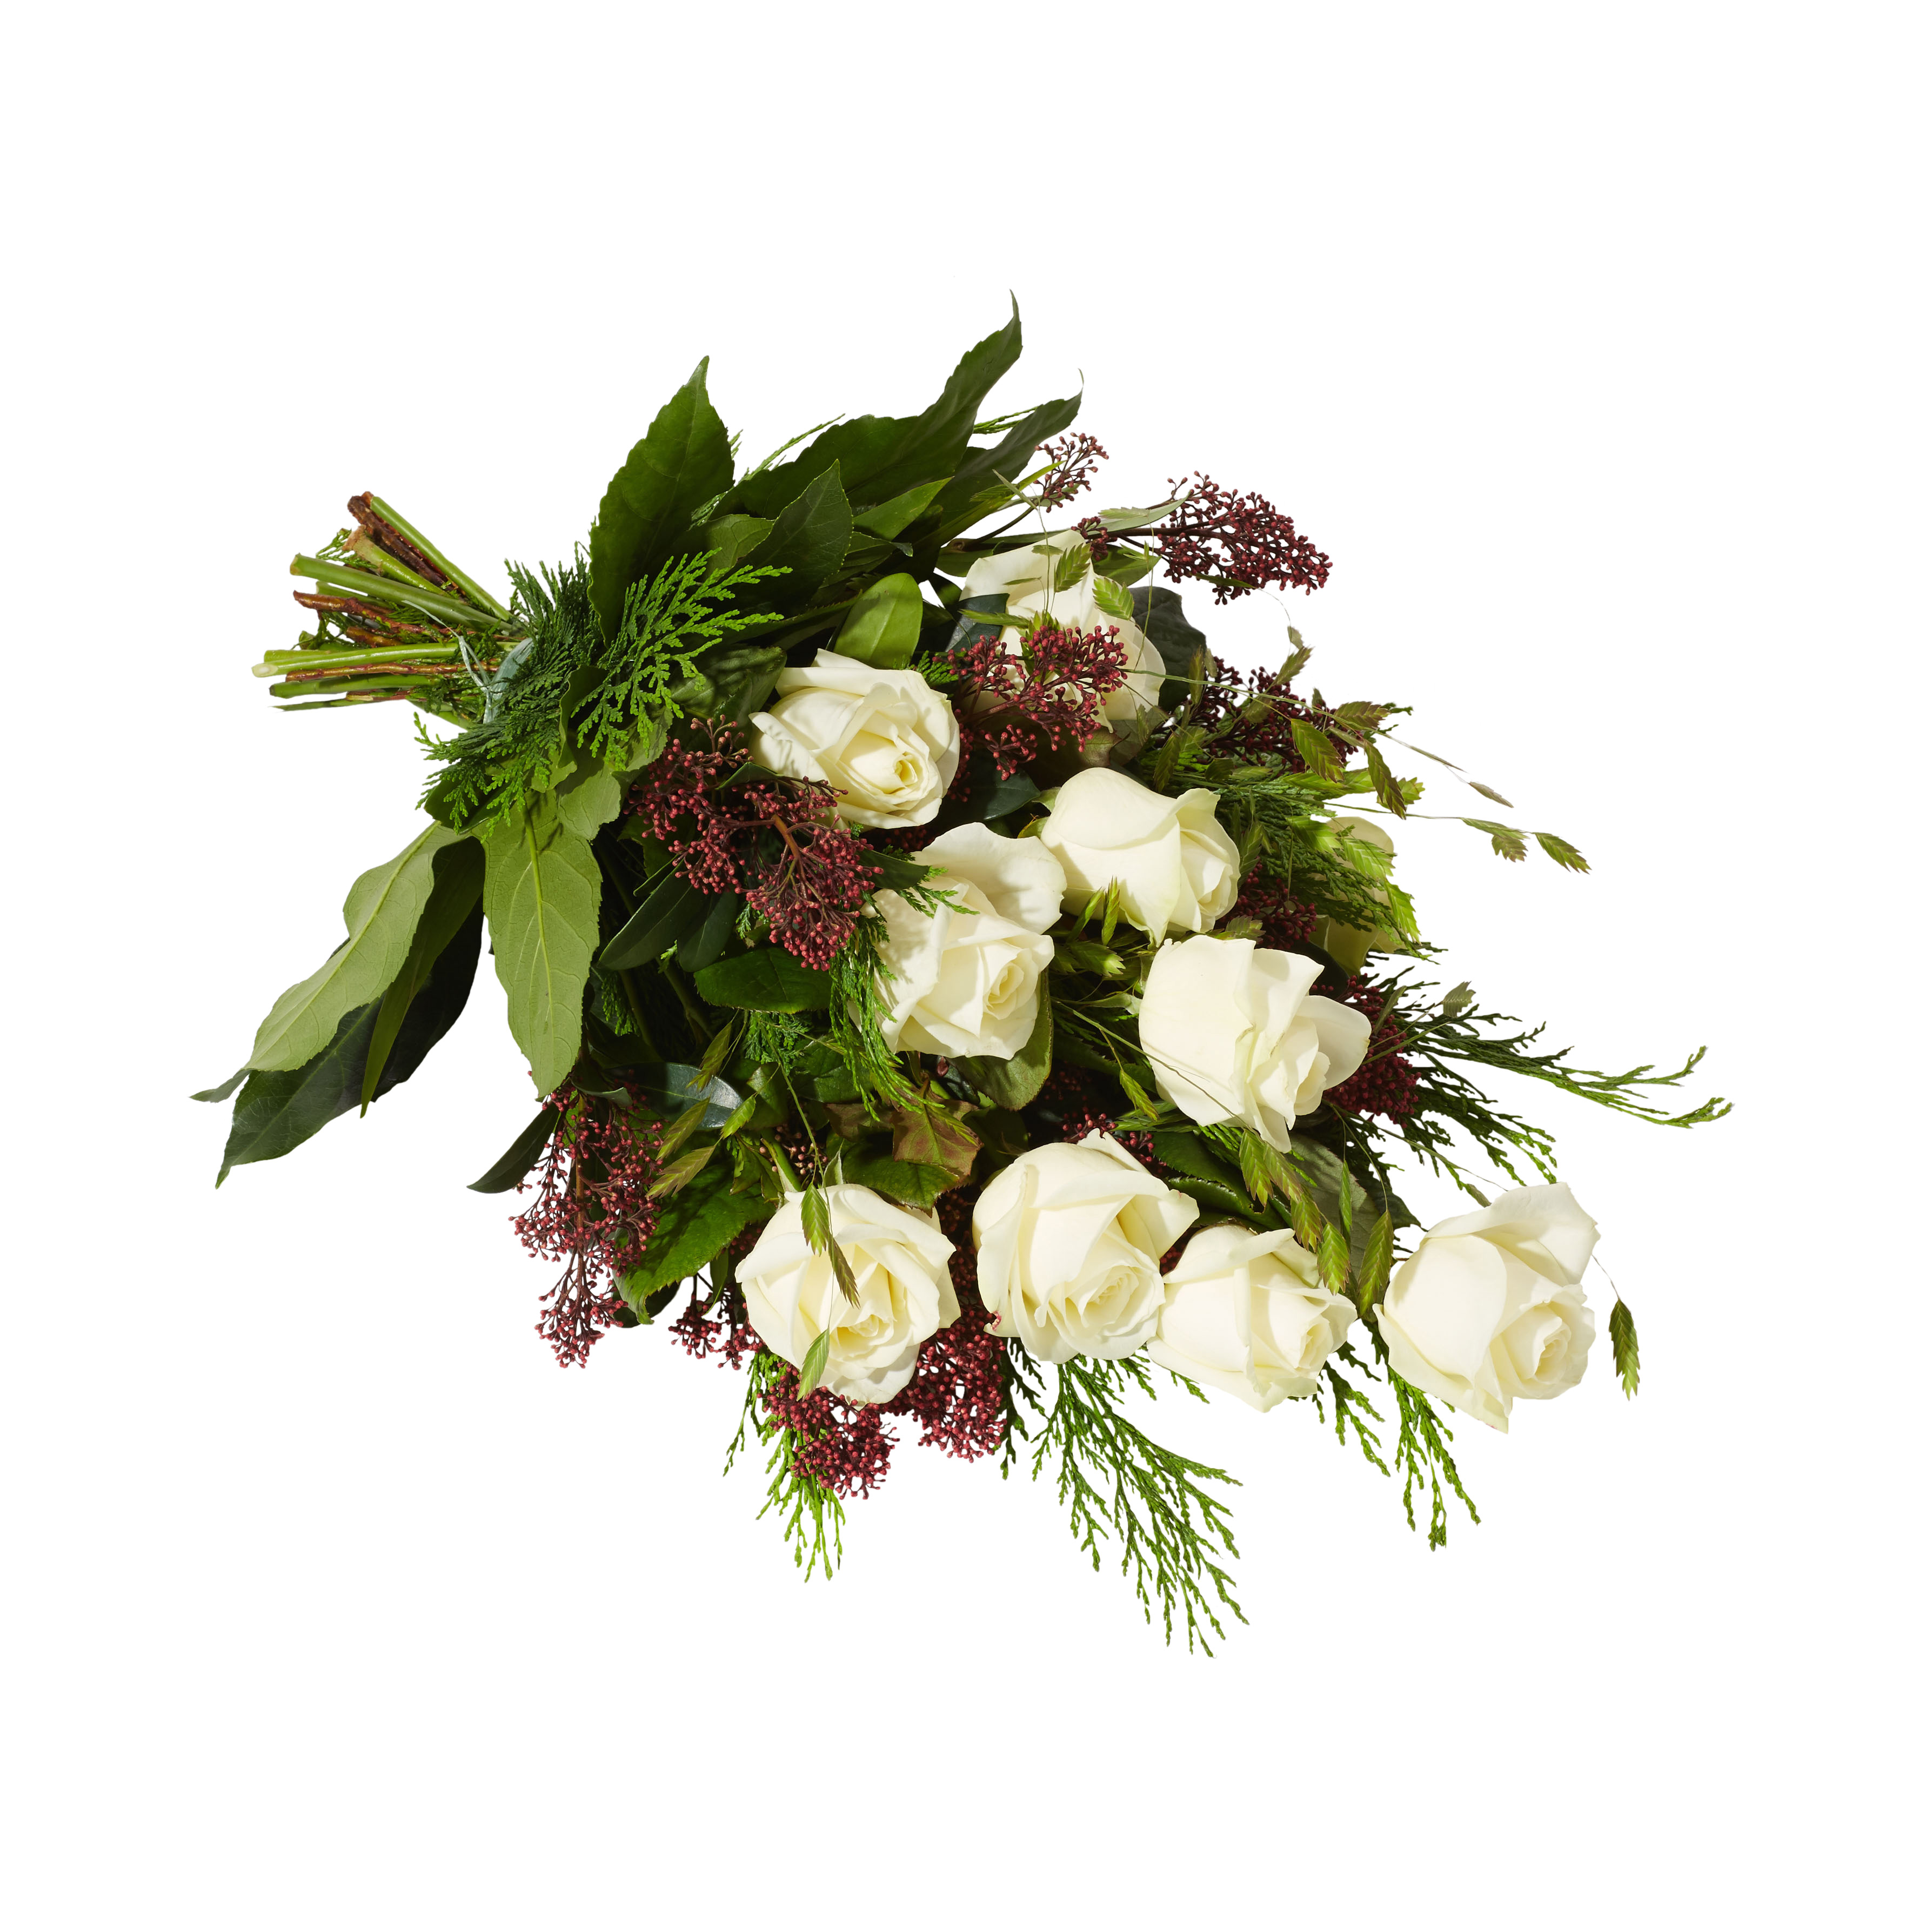 Traditionell och grön sorgbukett som är bunden med begravningsblommor i vitt och med inslag av rött. Buketten består till mestadels av vackra vita rosor.